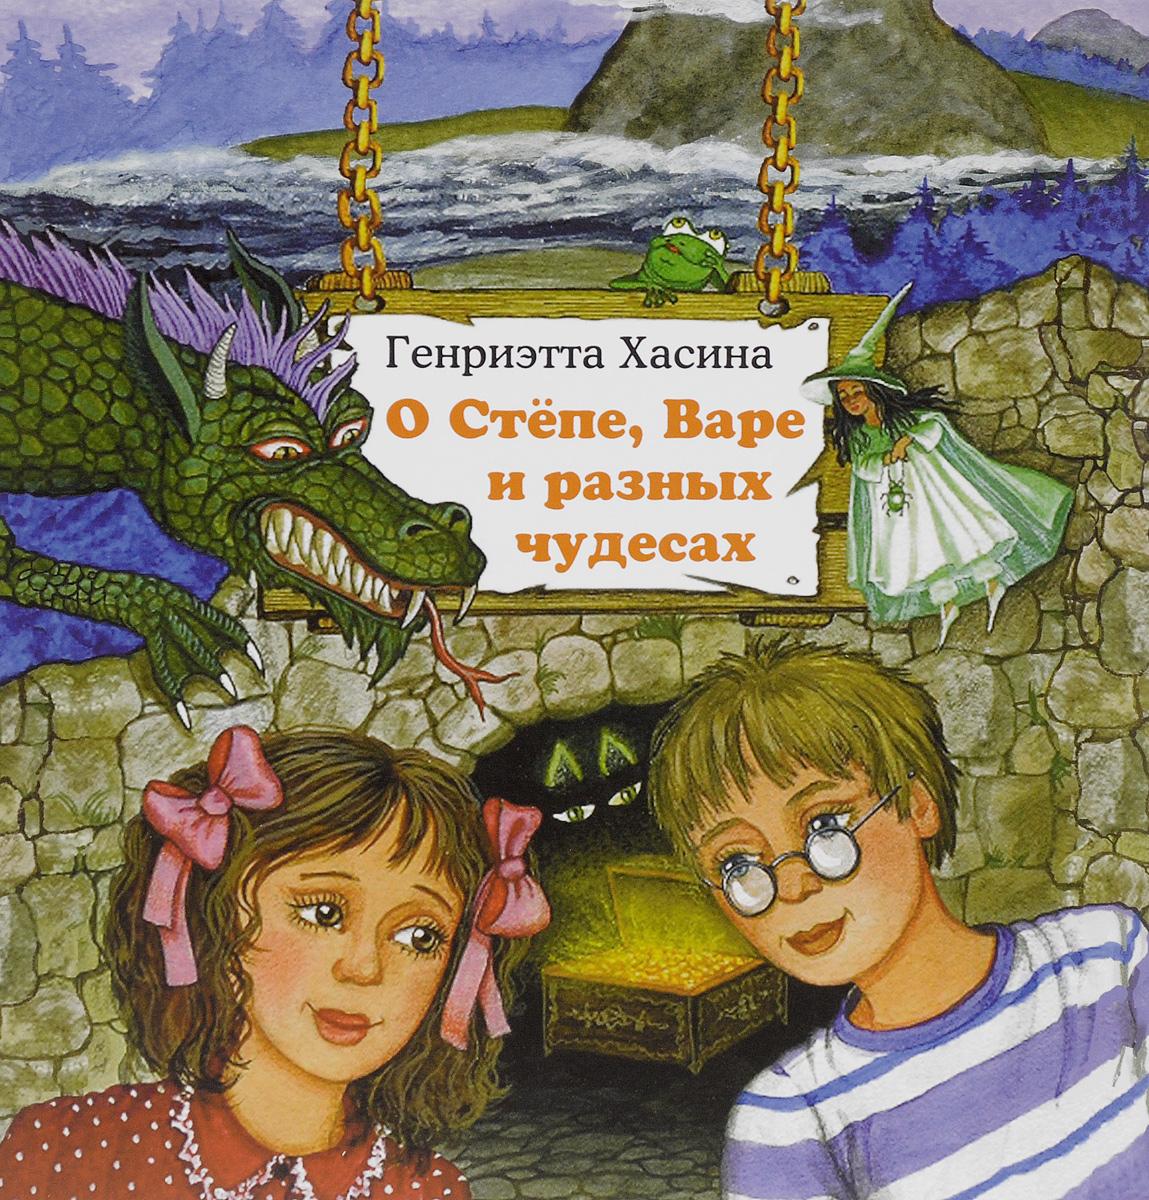 Генриэтта Хасина О Степе, Варе и разных чудесах (+ CD) генриэтта хасина о степе варе и разных чудесах cd